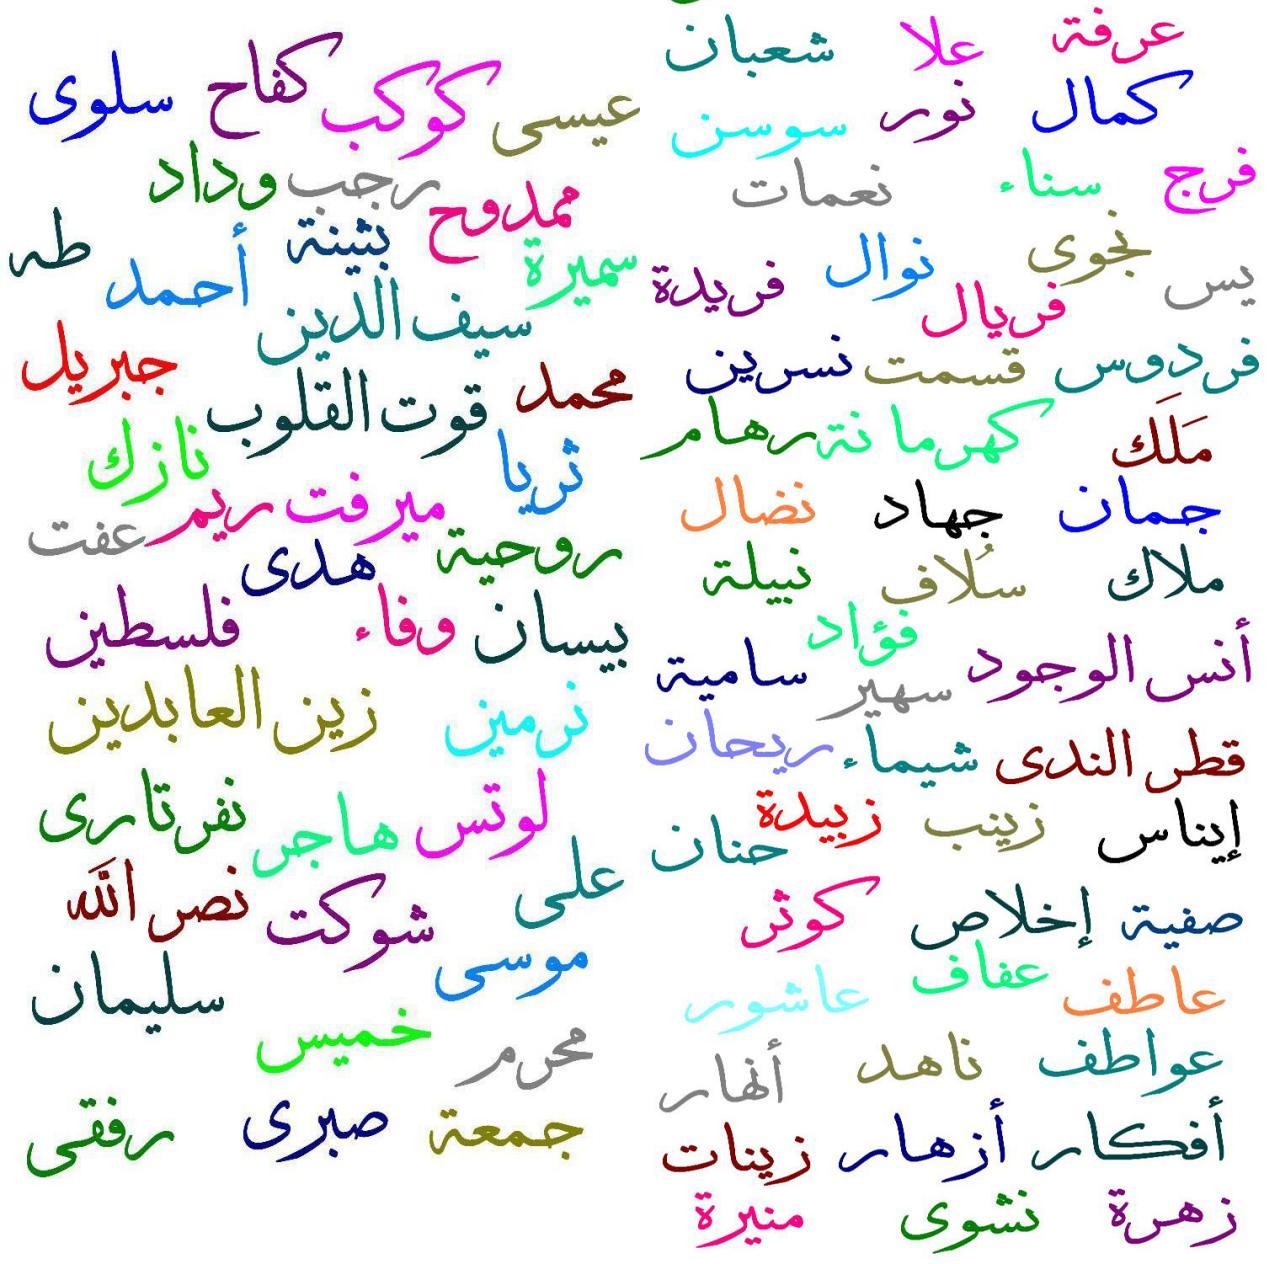 صورة اسماء اولاد حلوه , فى اسامى مش بتقدم ابدا